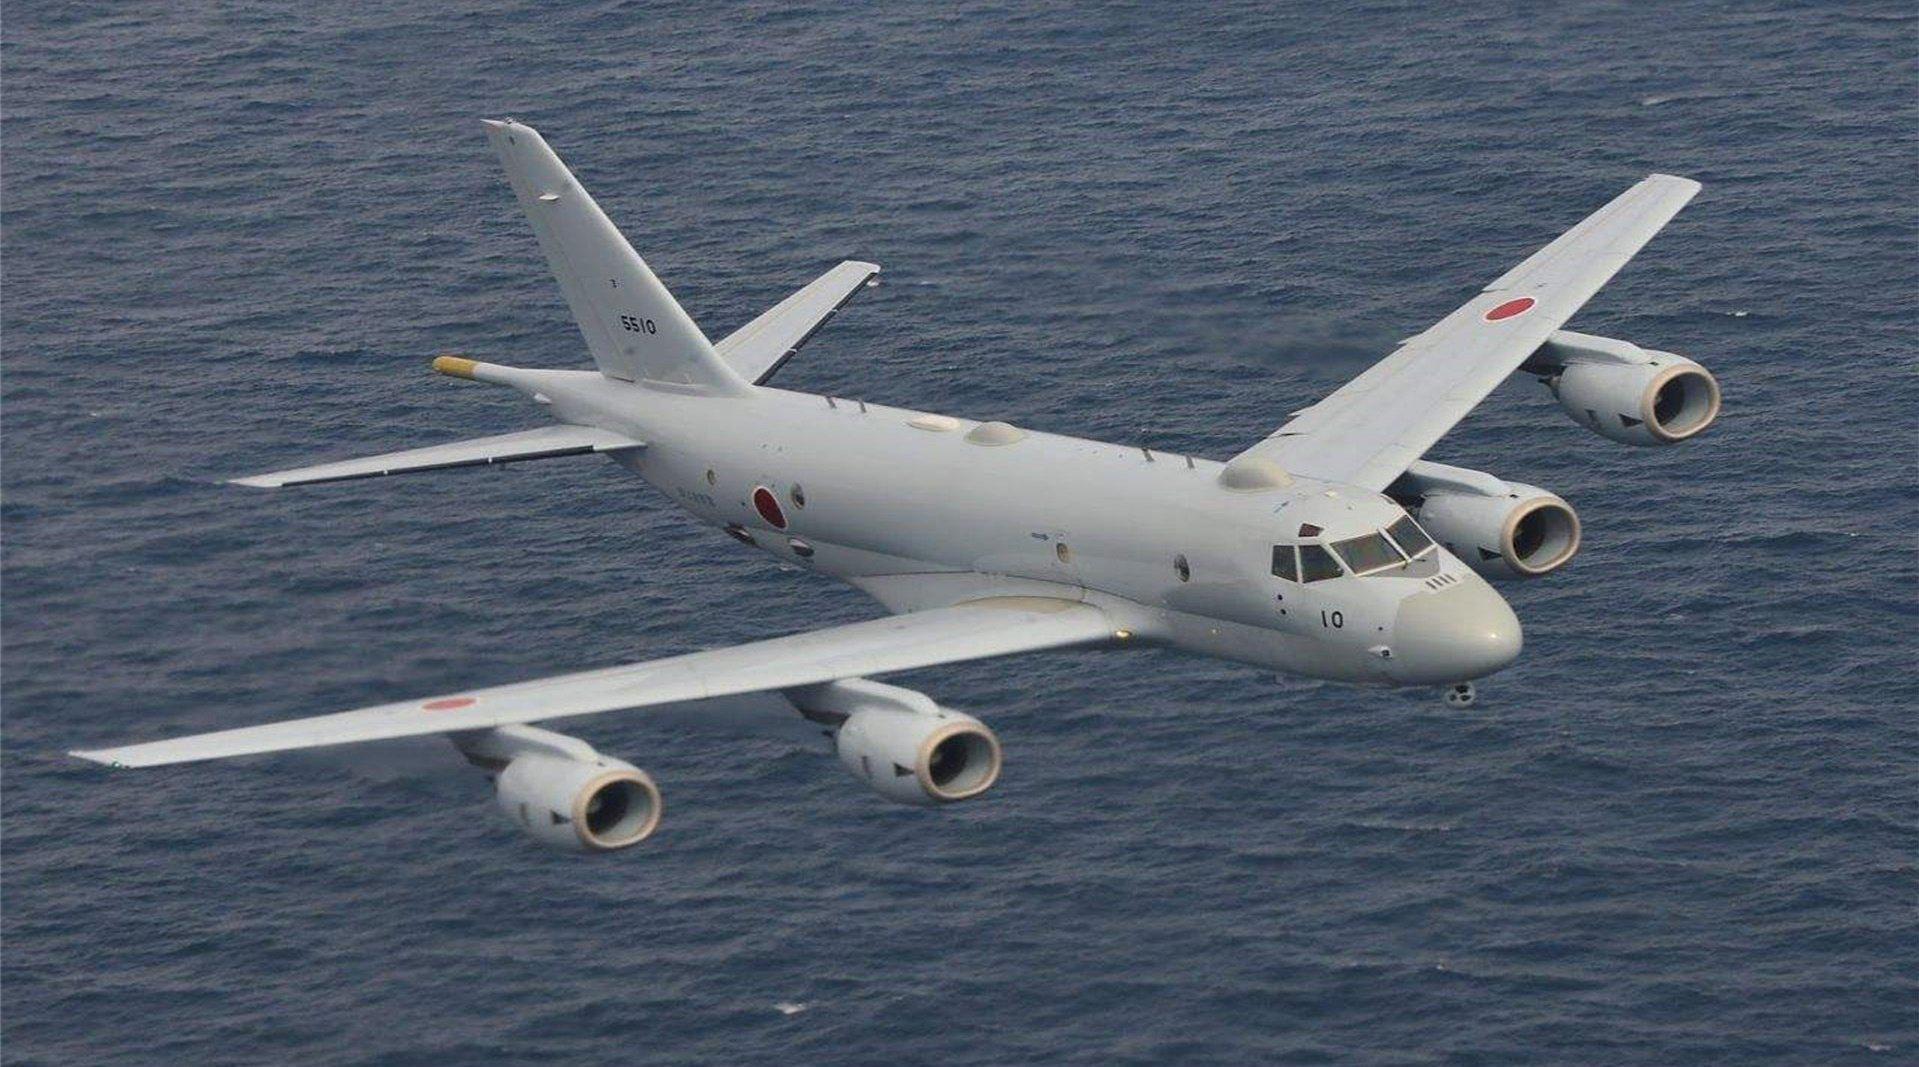 菅义伟首次出访直奔越南印尼,会推销什么武器呢?